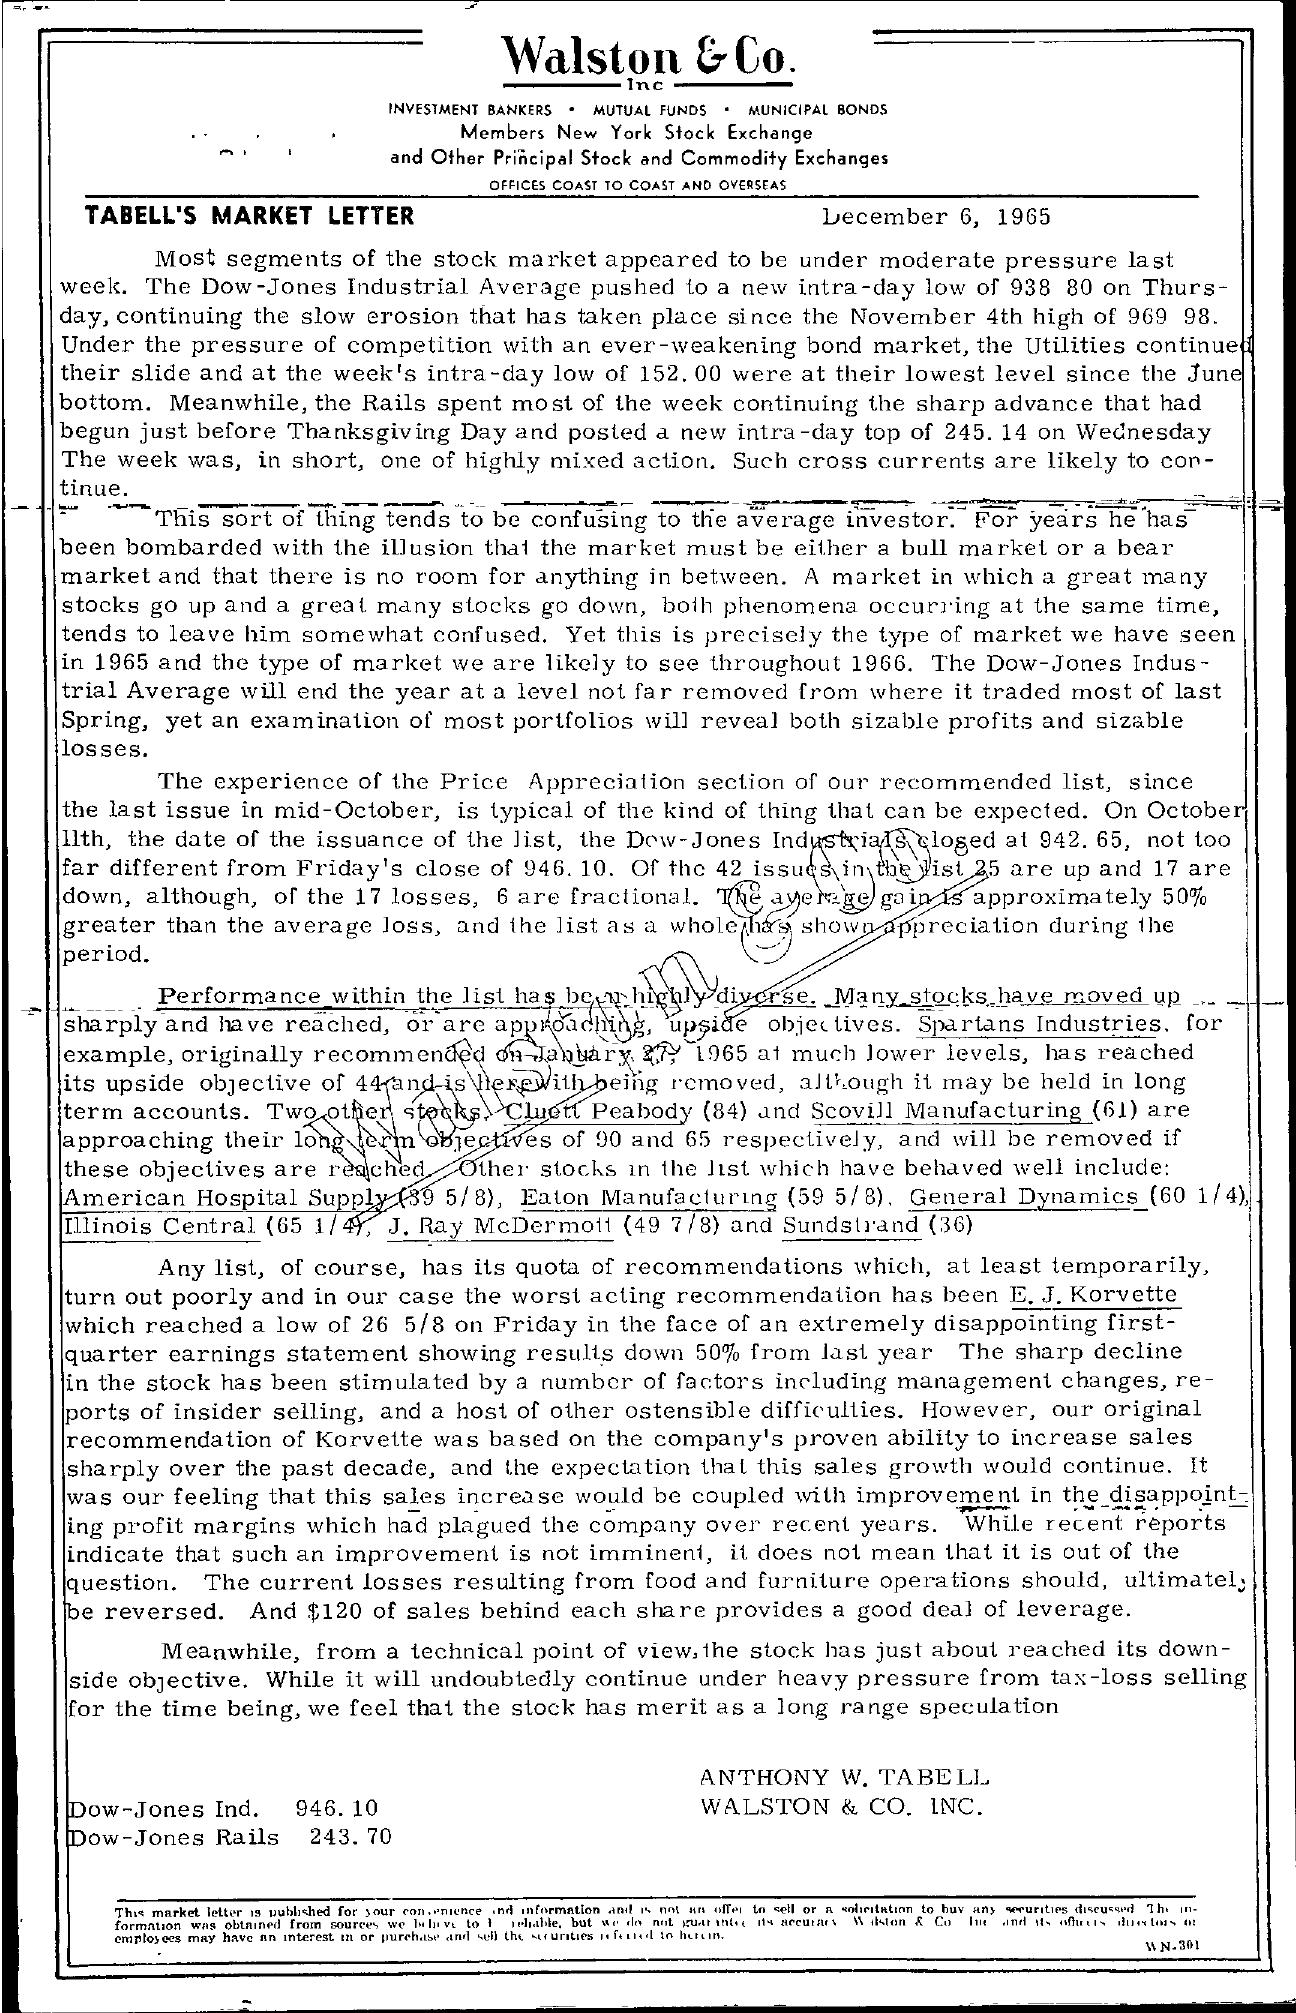 Tabell's Market Letter - December 06, 1965